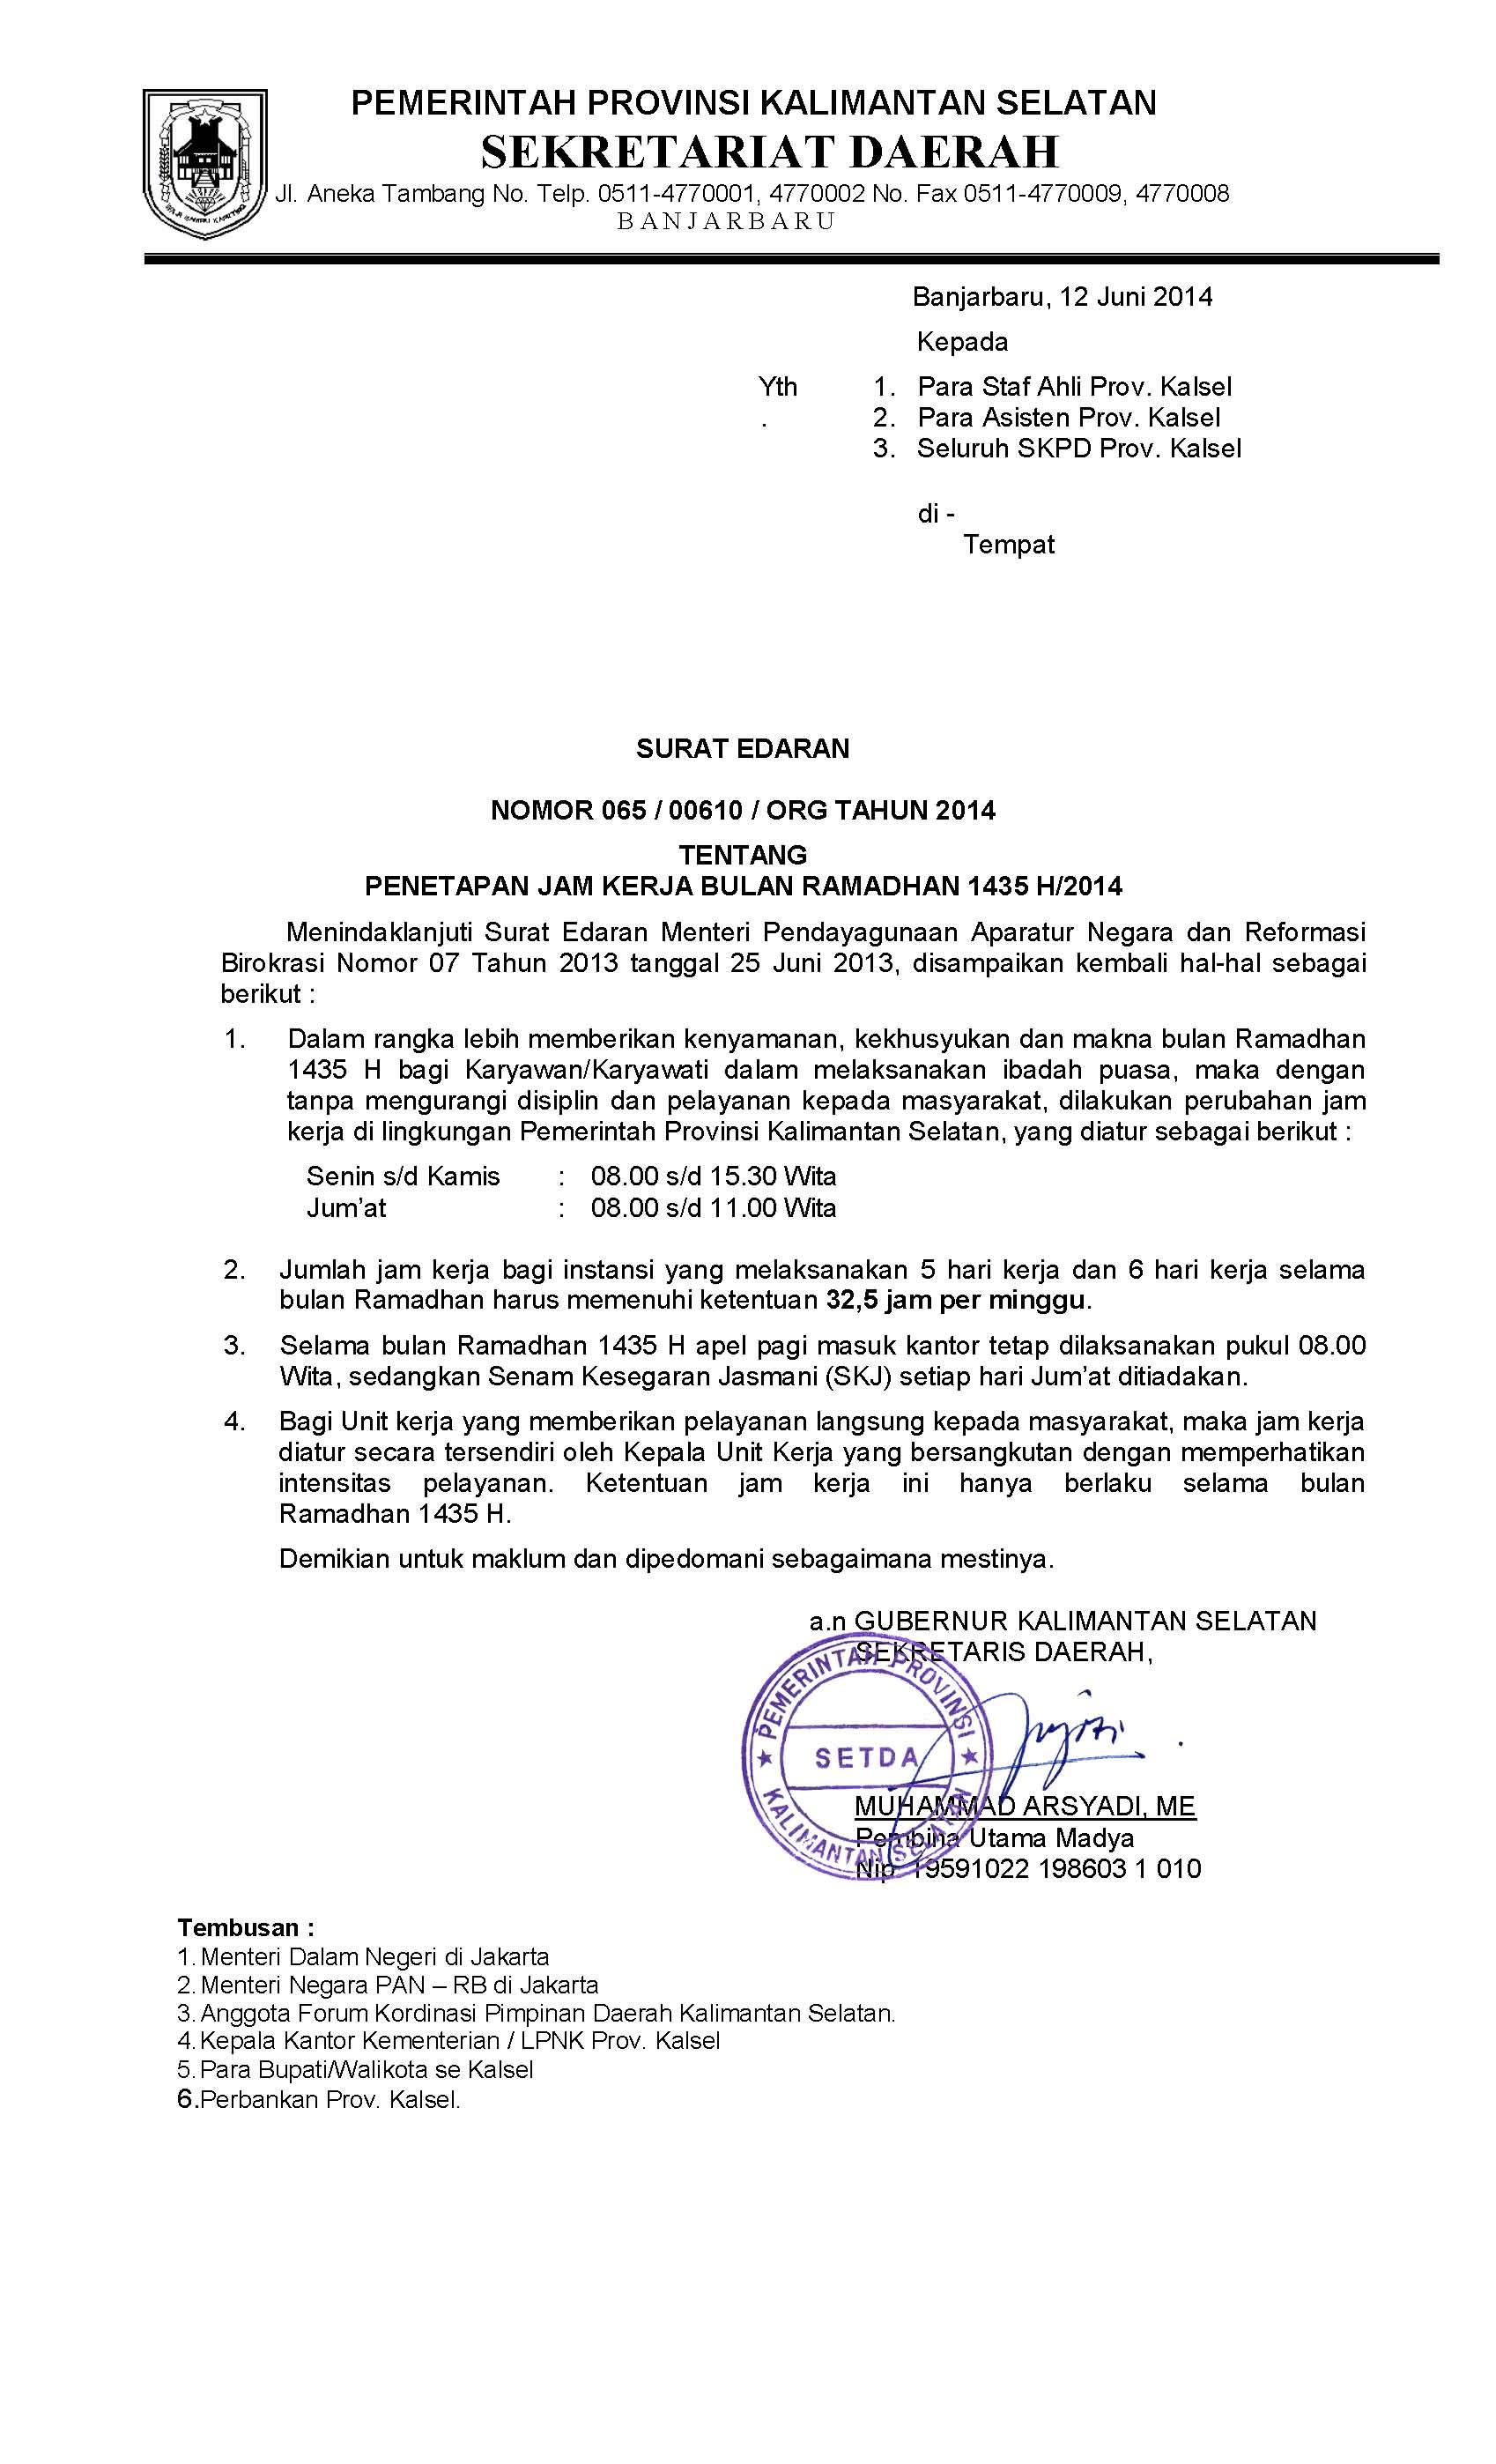 Surat Edaran Tentang Penetapan Jam Kerja Bulan Ramadhan 1435